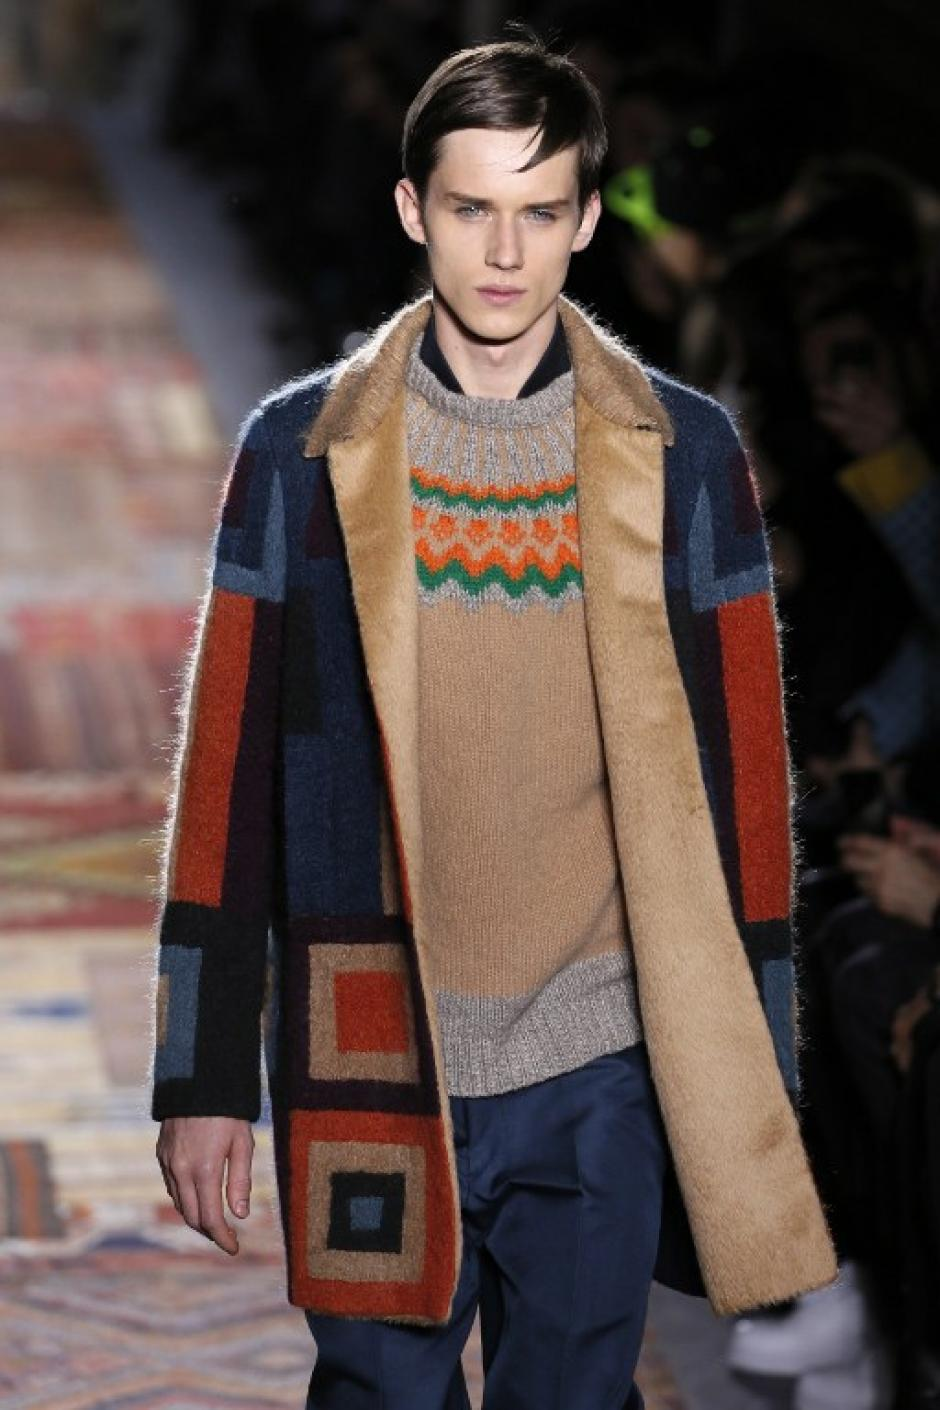 Valentino también uso tonalidades rojas y azules con formas geométricas.